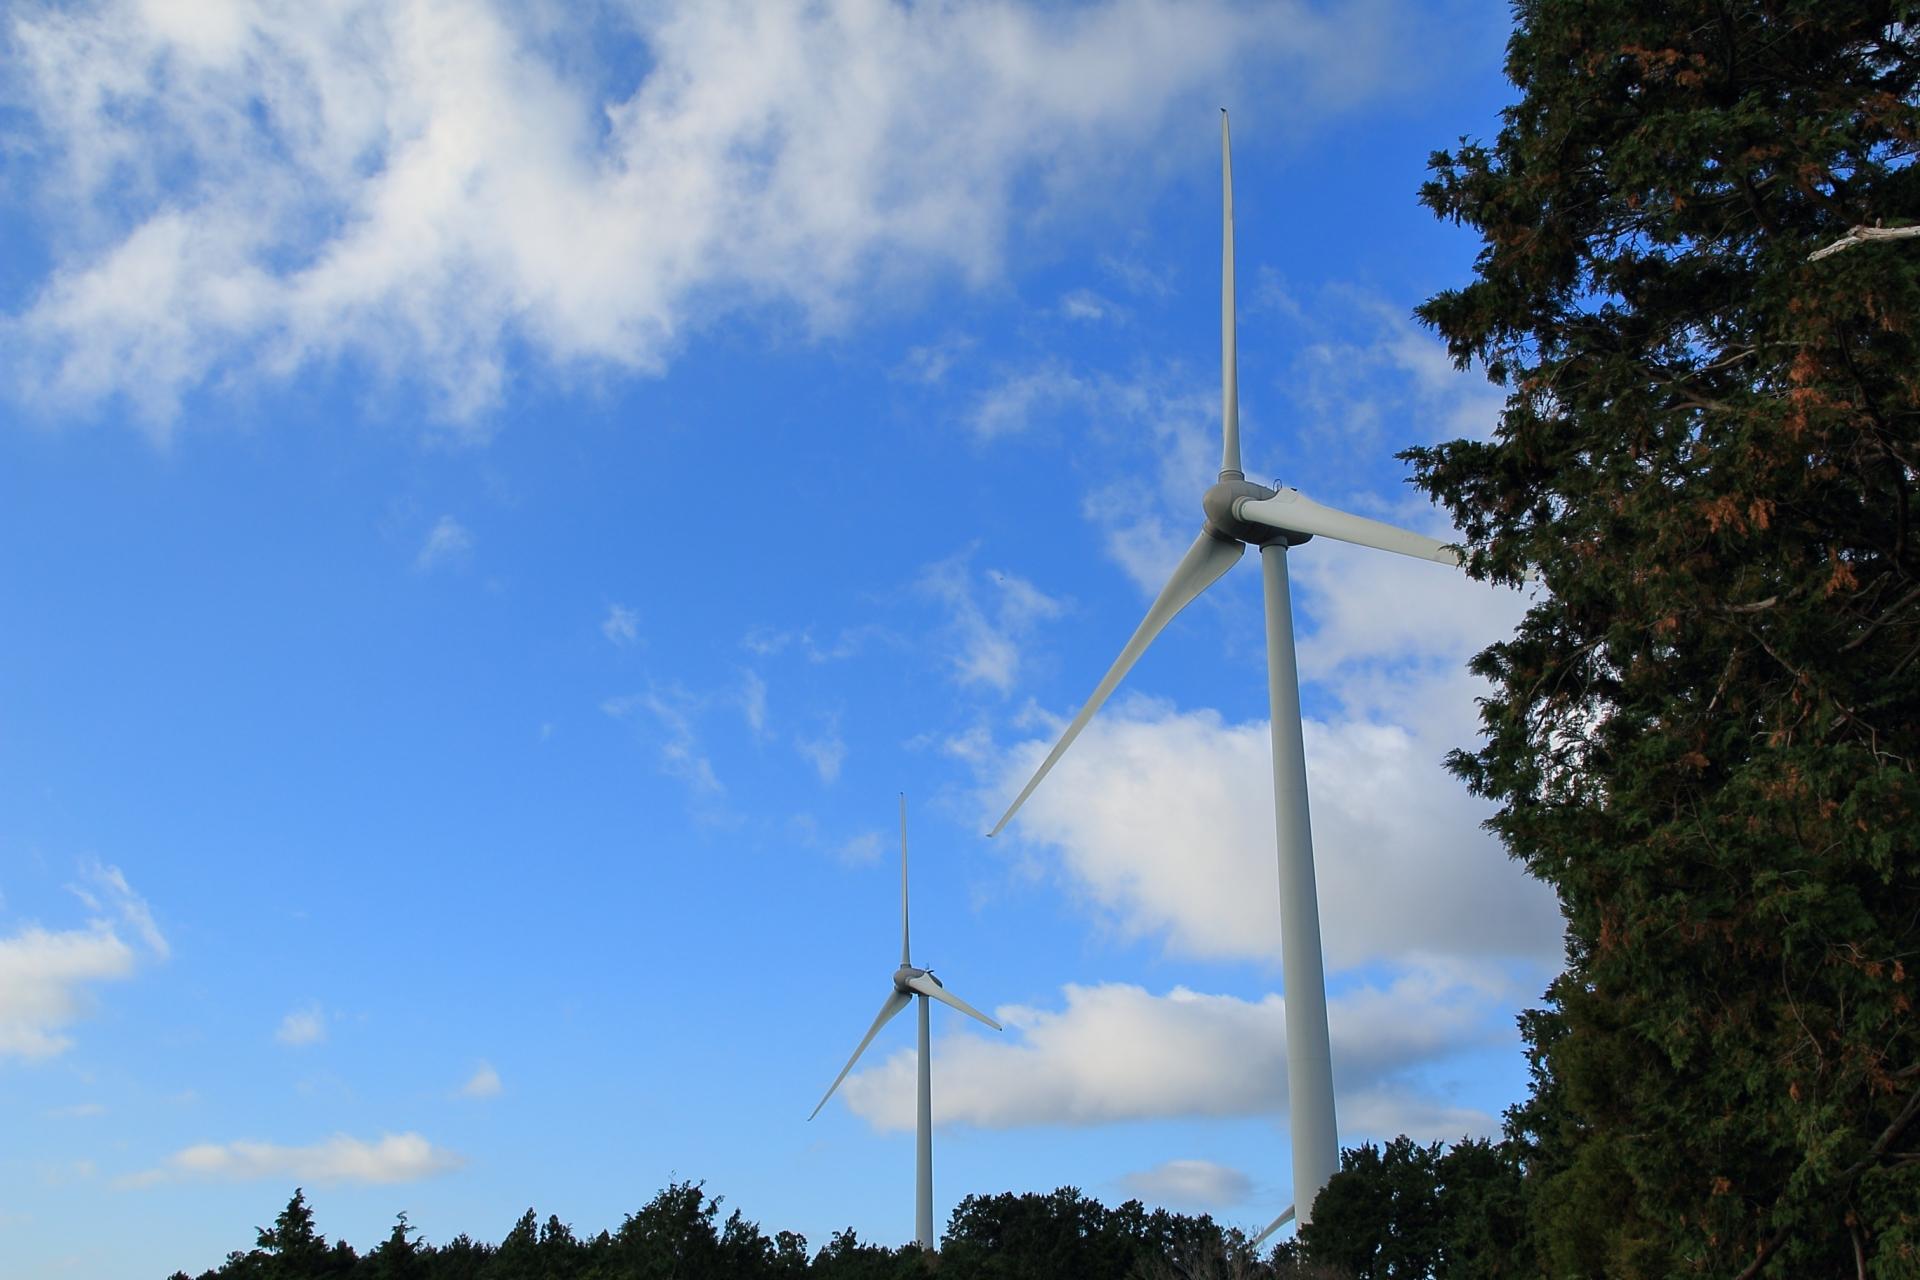 滝沢展望台から見える浜松風力発電所の風車